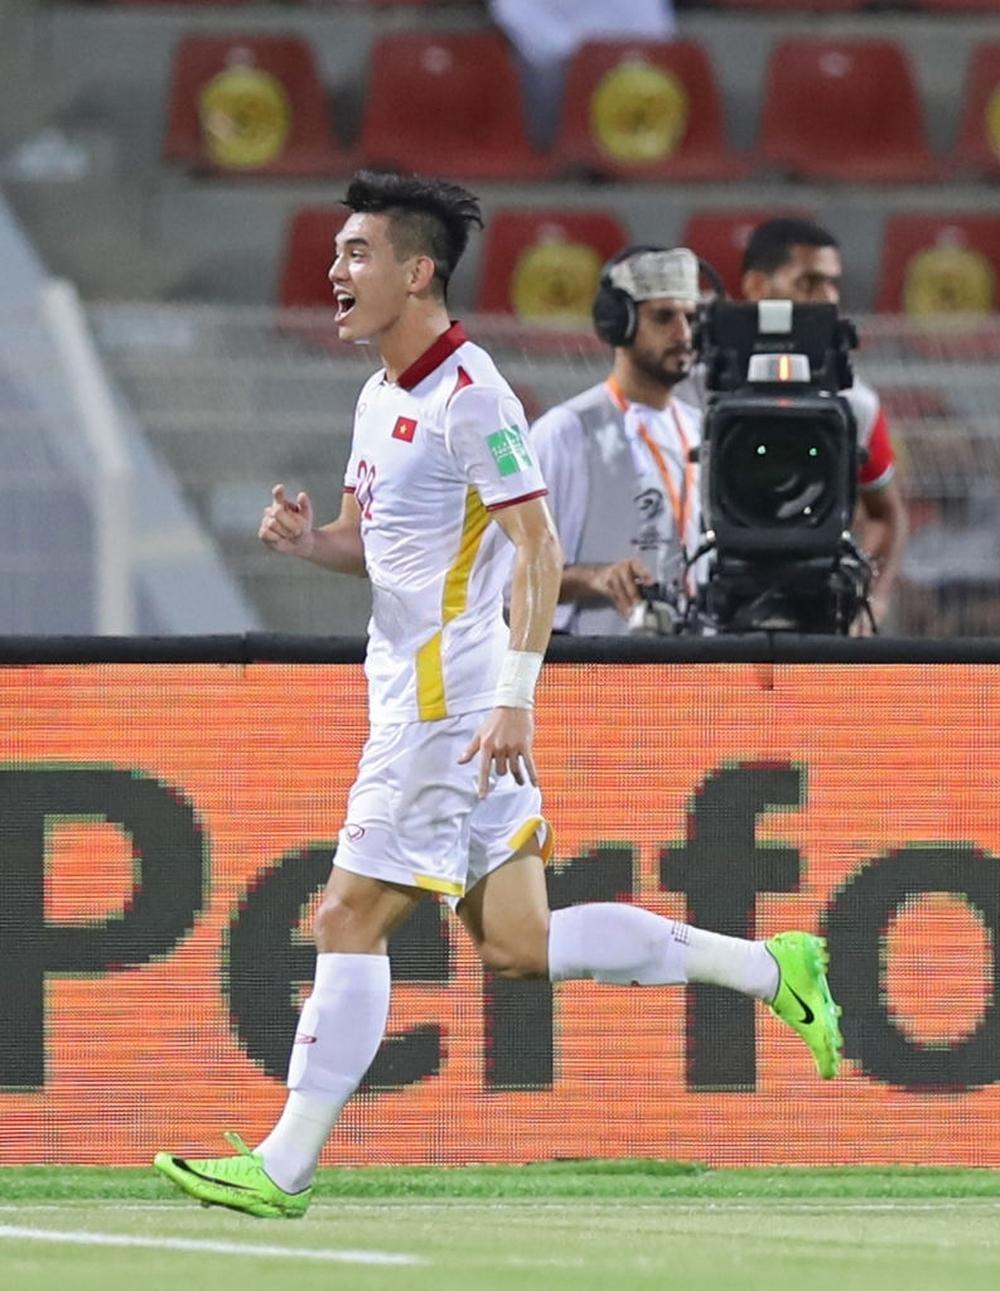 Kết quả Oman vs Việt Nam: Hàng thủ chơi thảm hại, thầy trò HLV Park Hang-seo nhận trận thua muối mặt - Ảnh 3.